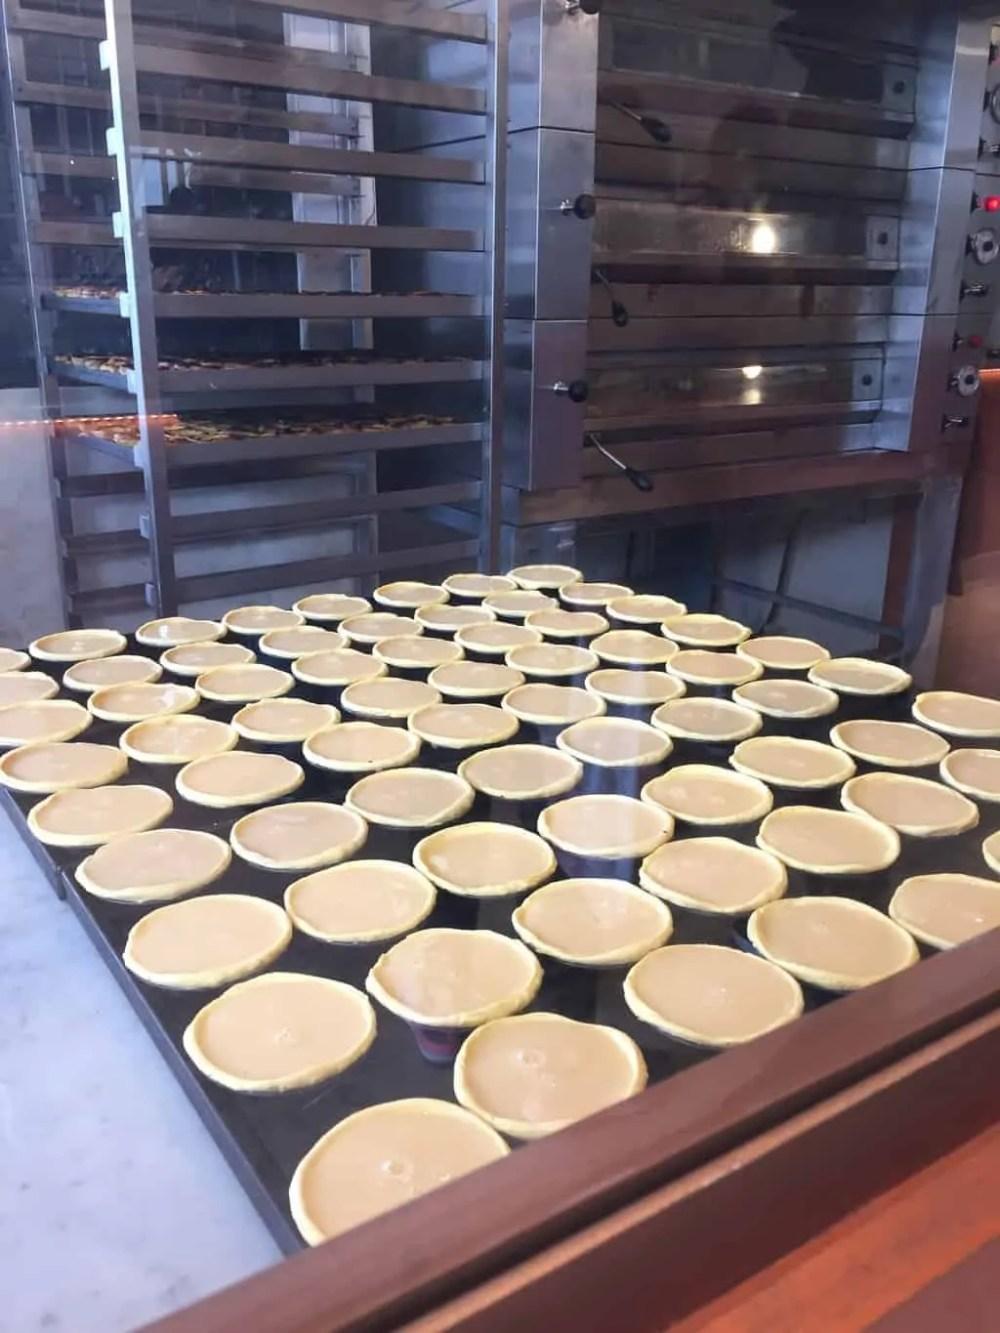 Making pastel de nata - Padrão dos Descobrimentos - A relaxed 72 hours in Lisbon